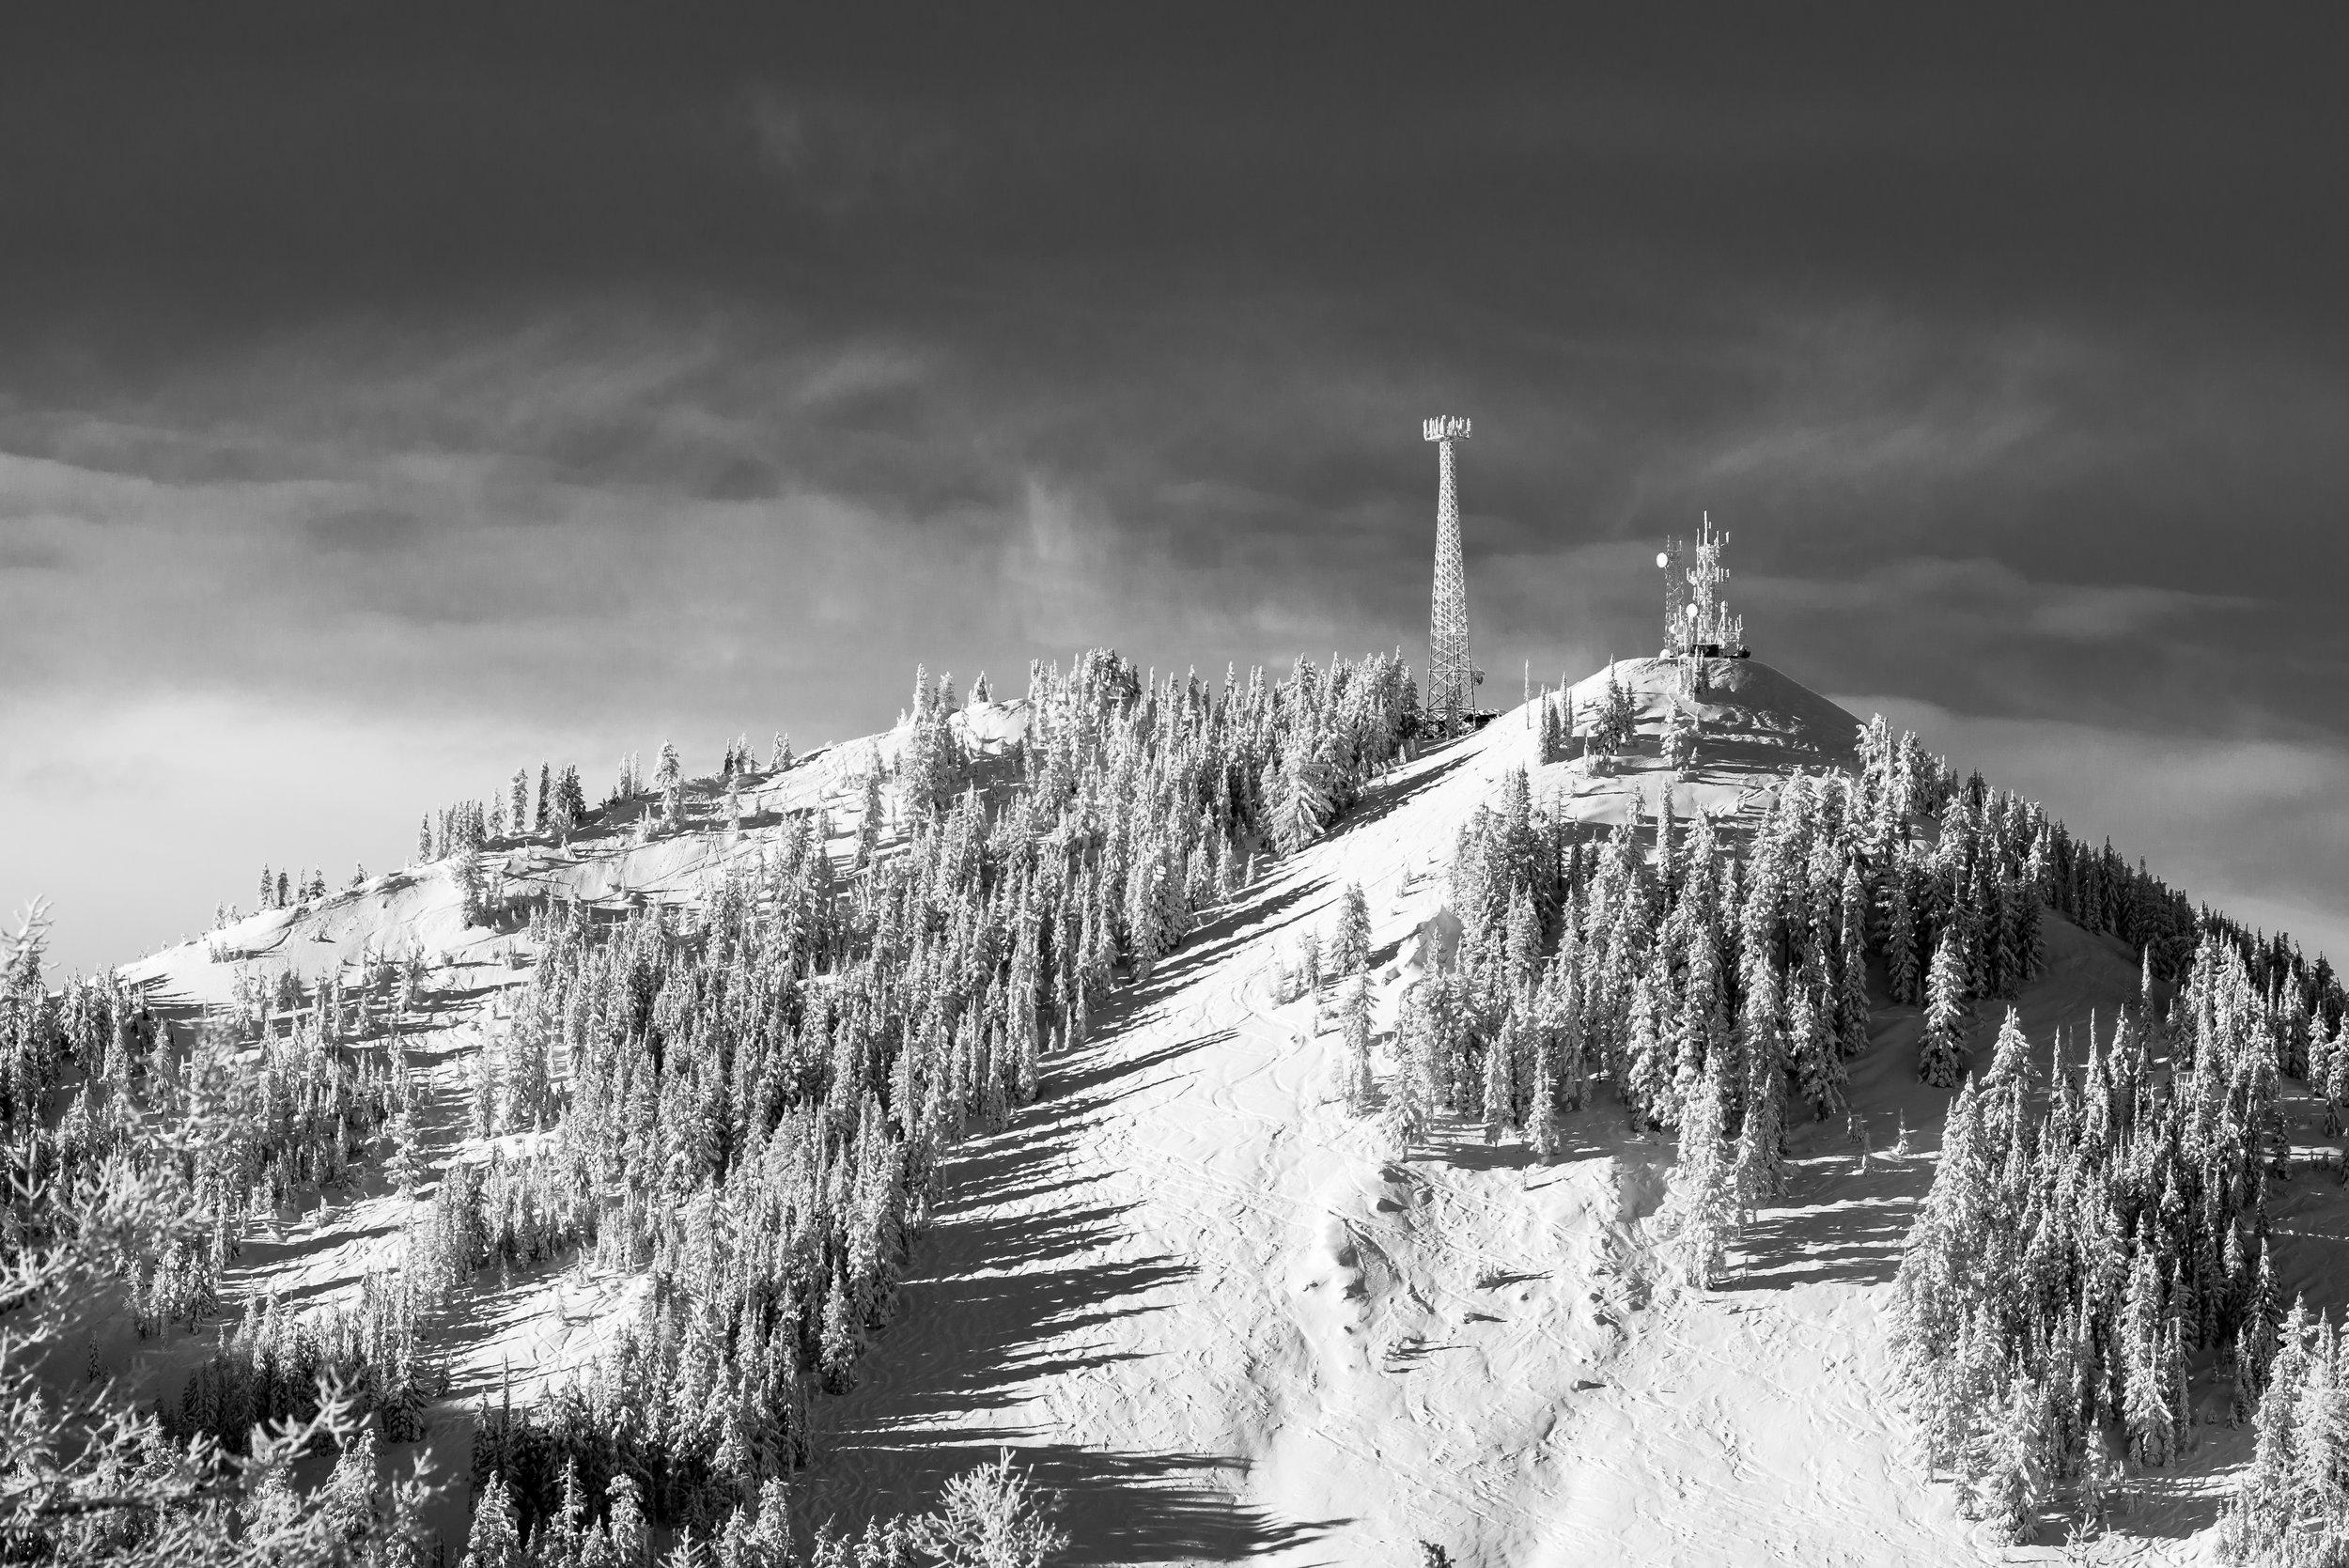 Wardner Peak, Silver Mountain Ski Resort.